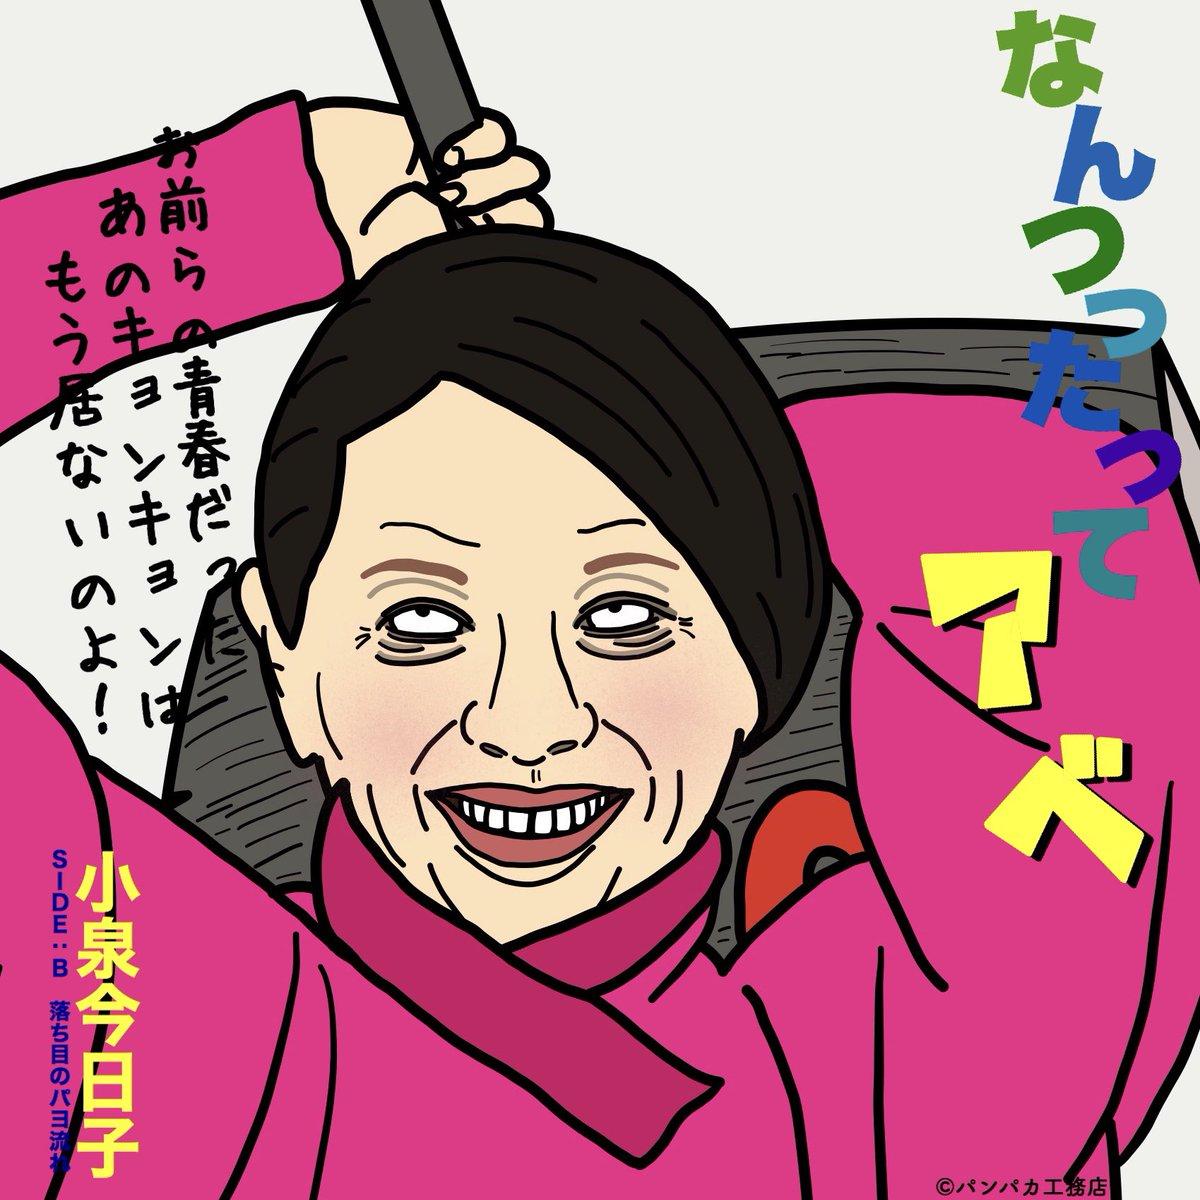 ツイッター 小泉 今日子